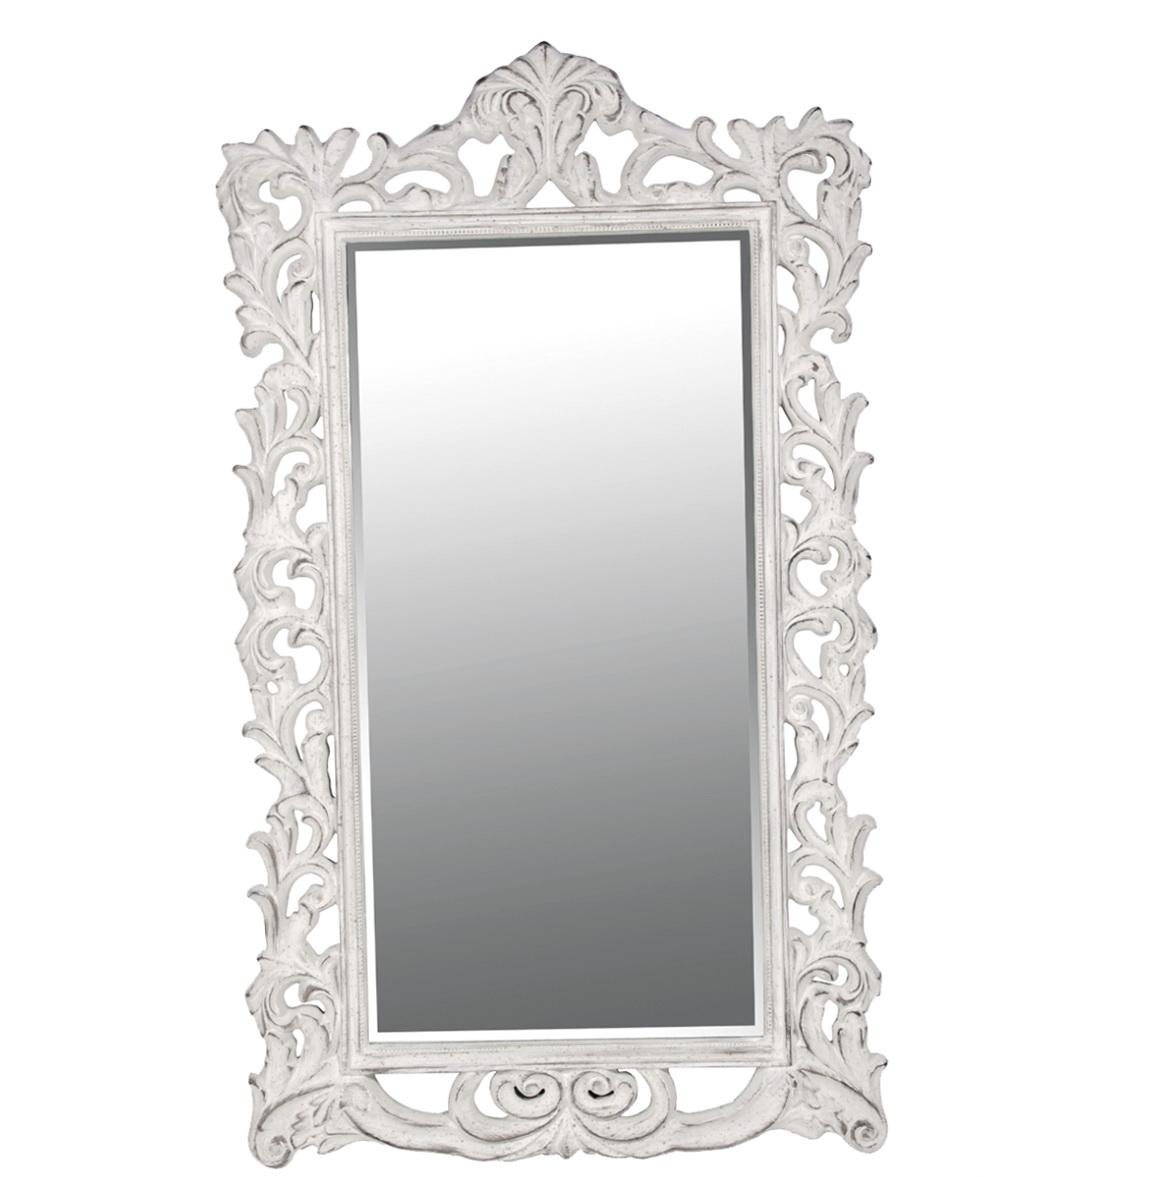 Antique White Full Length Mirror